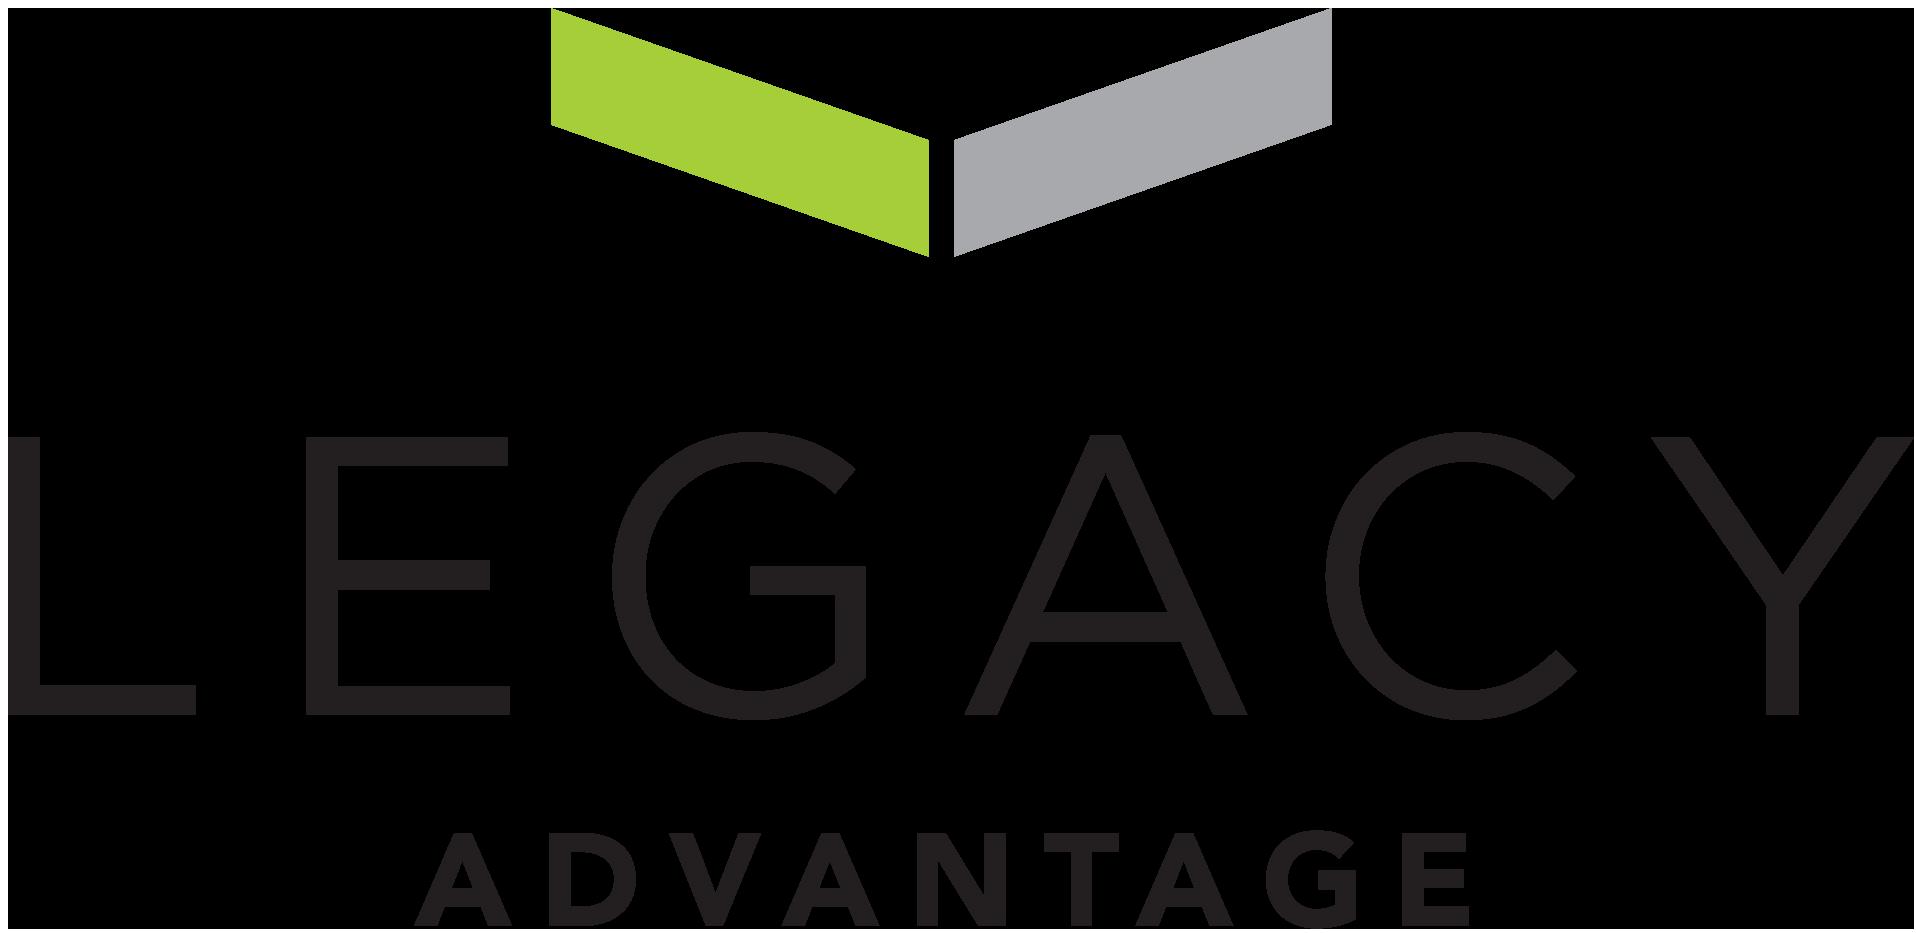 LegacyAdvantage.png